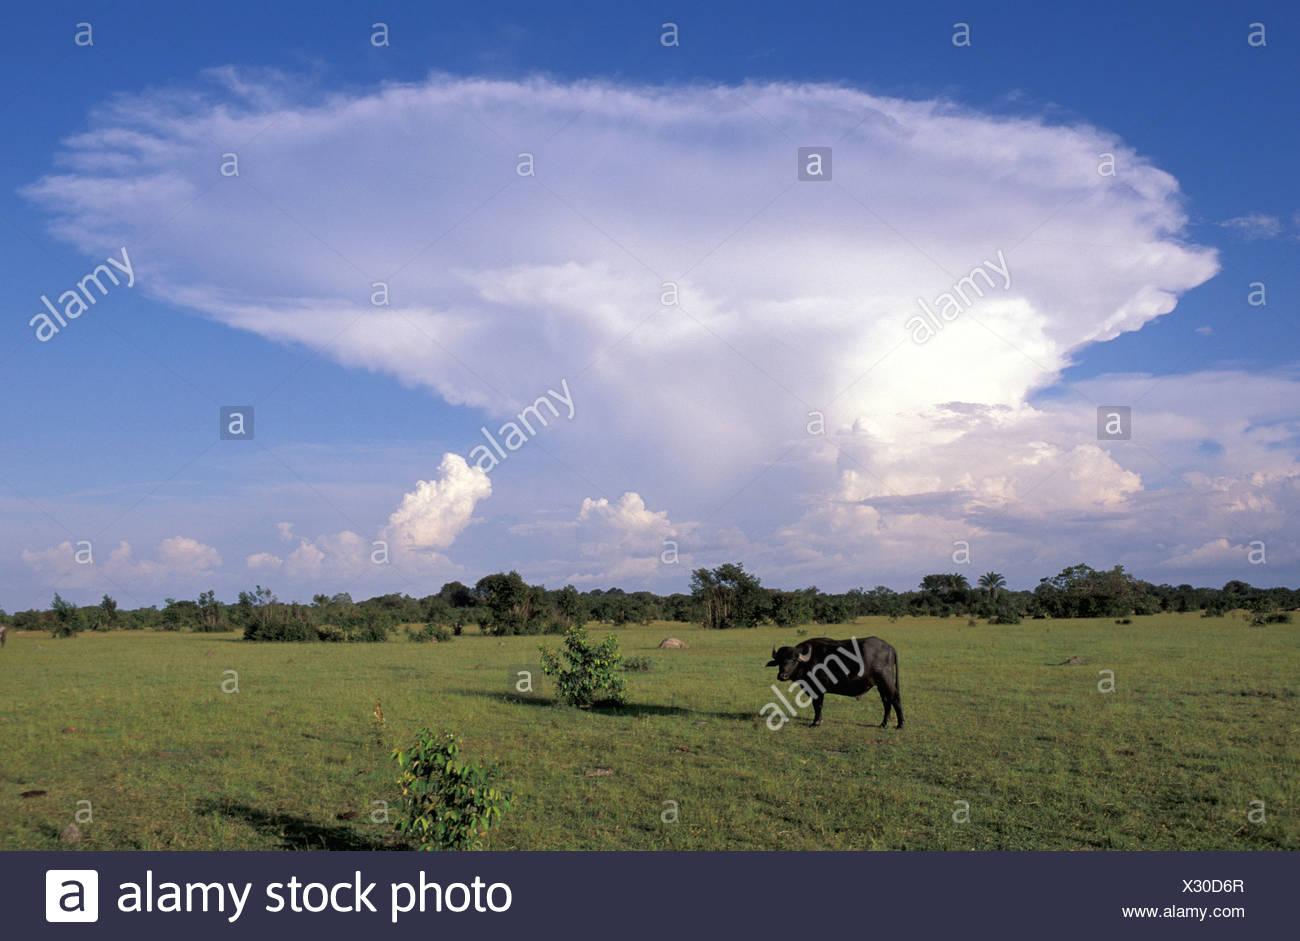 Fazenda, Bull, Ilha do Marajo, Amazon delta, Amazonia, Brasile, Sud America, agricoltura, animale Immagini Stock